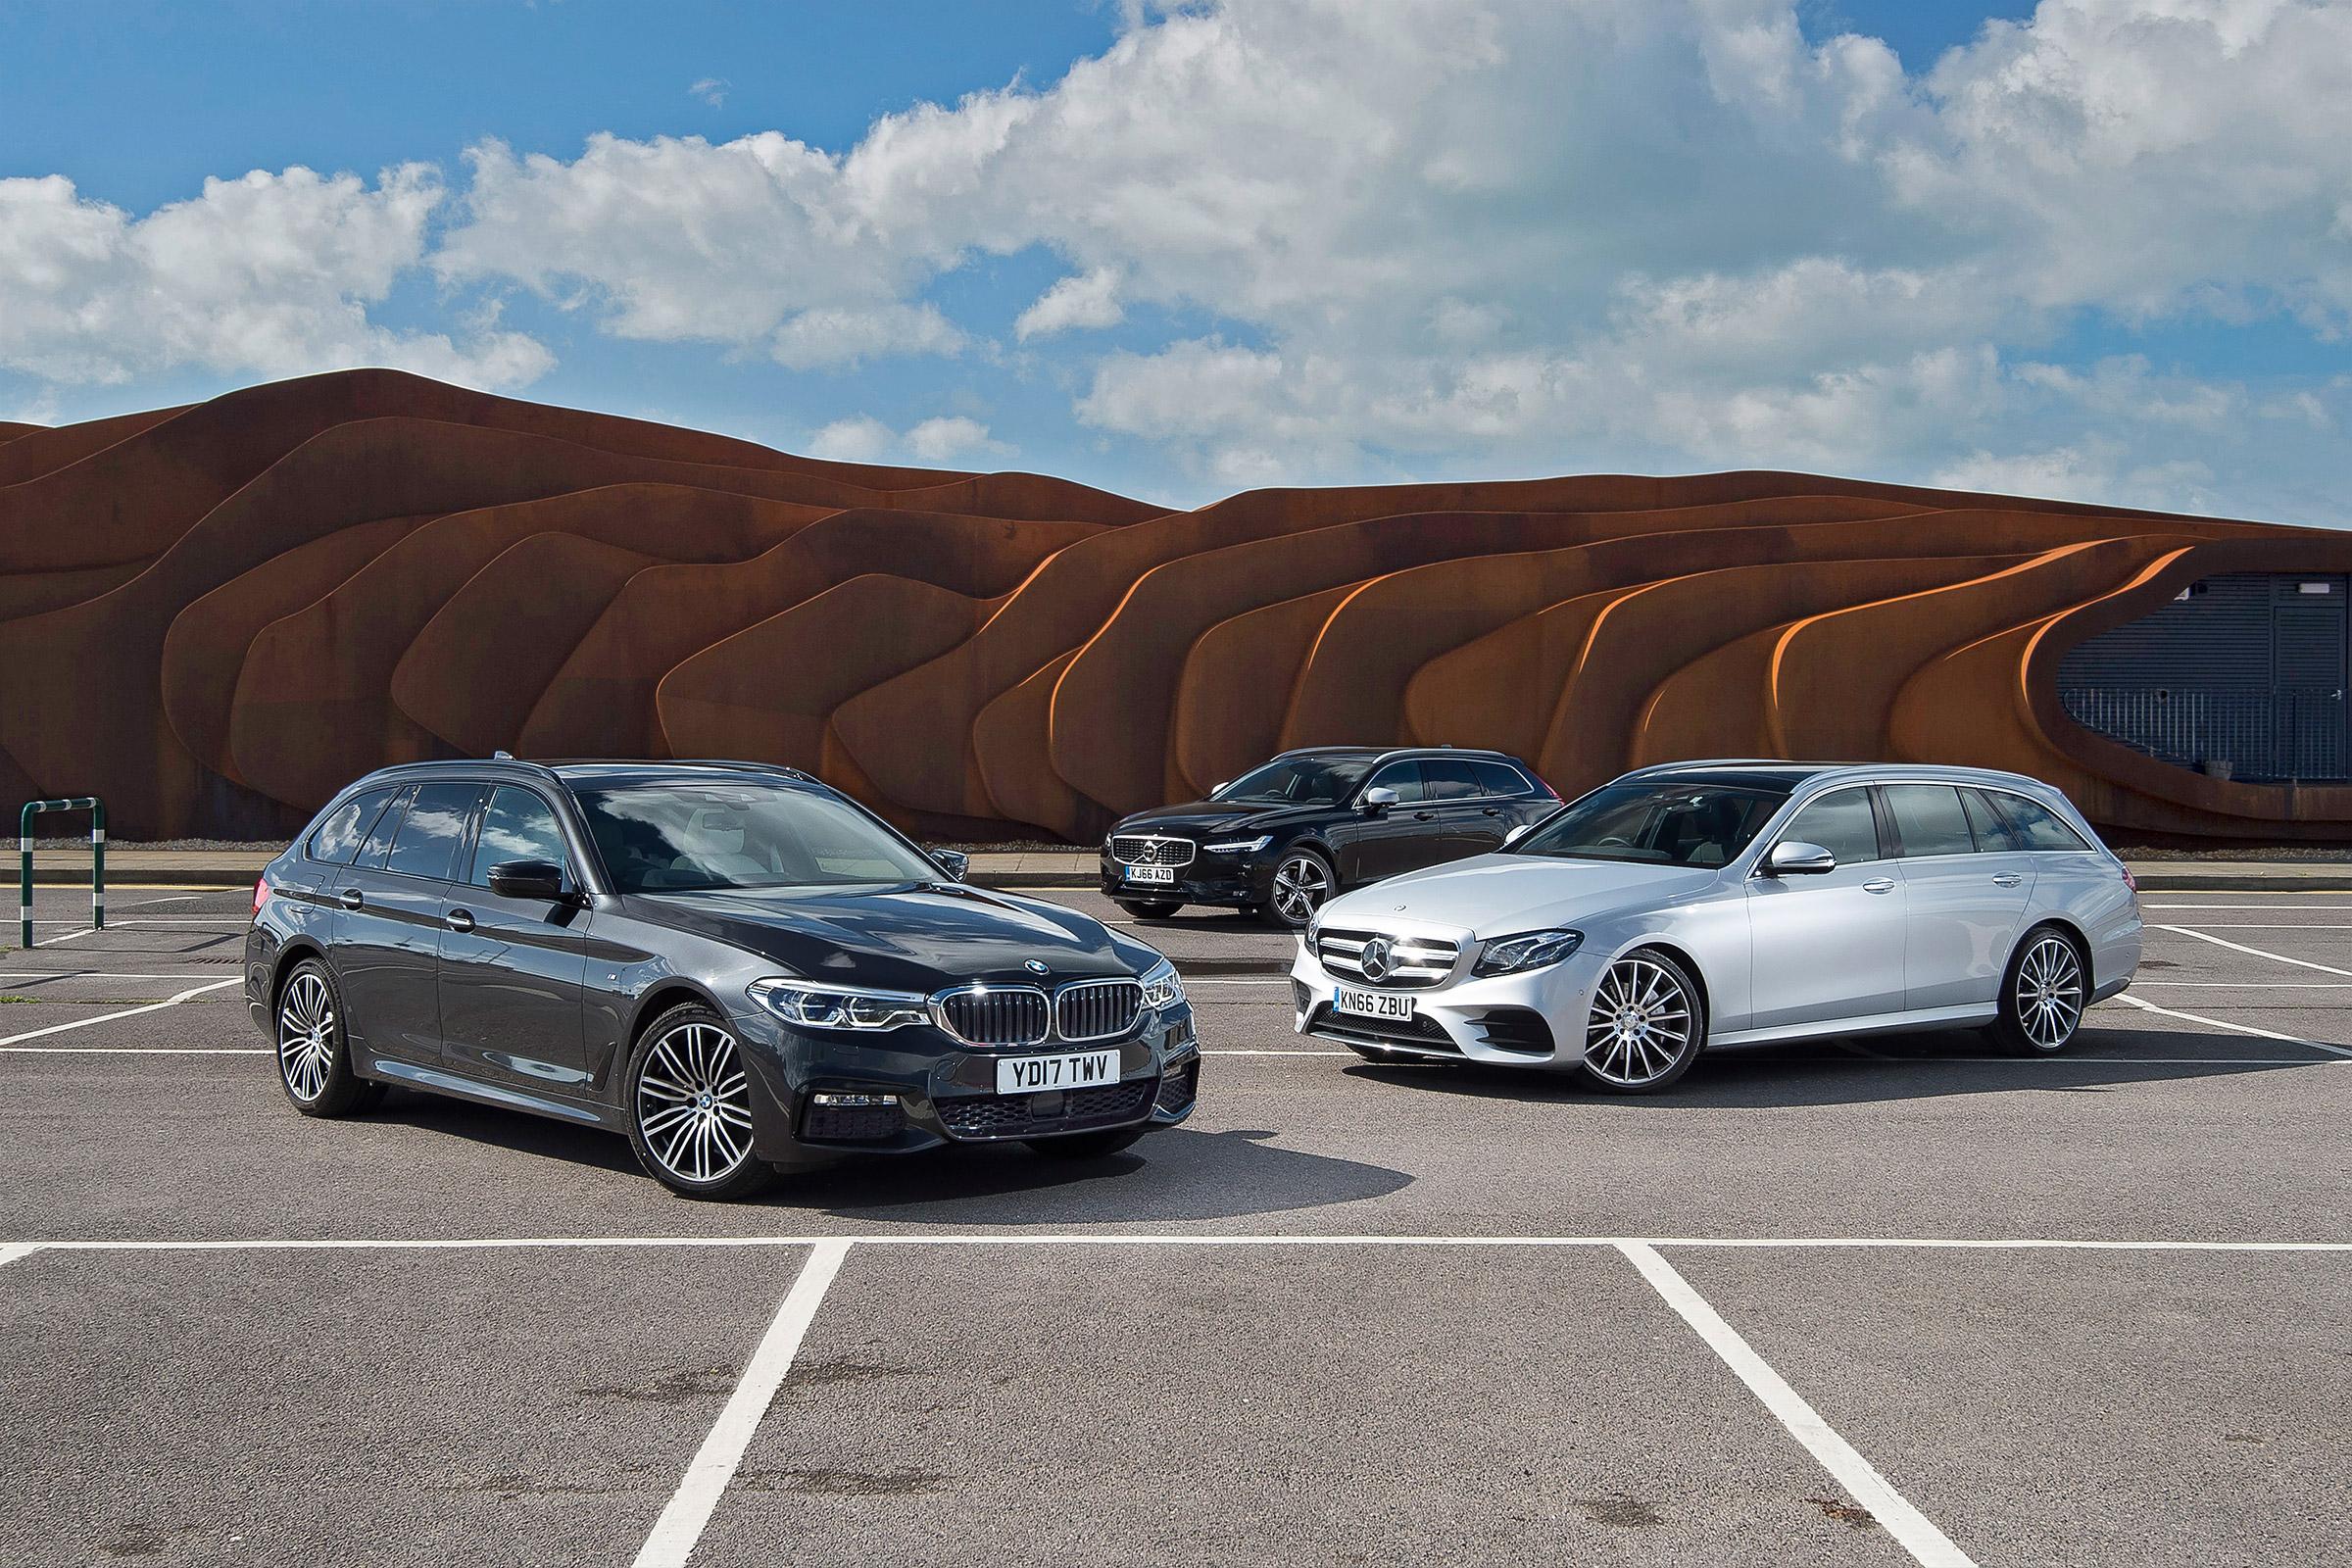 Bmw 5 Series Touring Vs Mercedes E Class Estate Vs Volvo V90 Auto Express